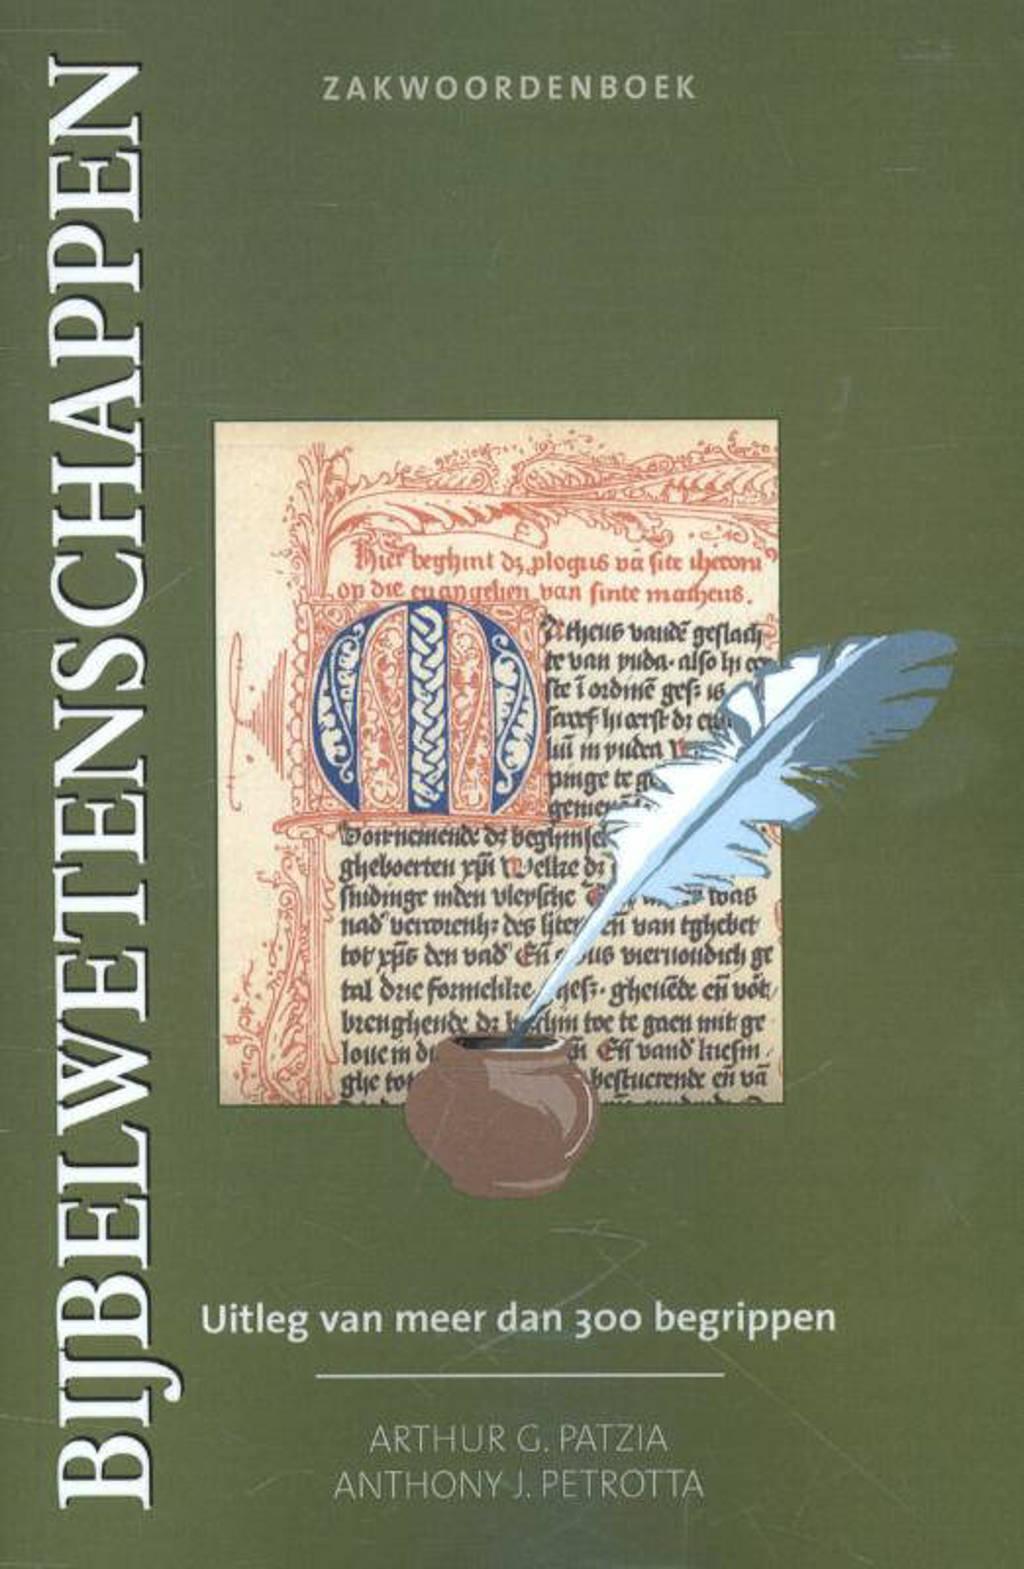 Zakwoordenboek Bijbelwetenschappen - Arthur G. Patzia en Anthony J. Petrotta